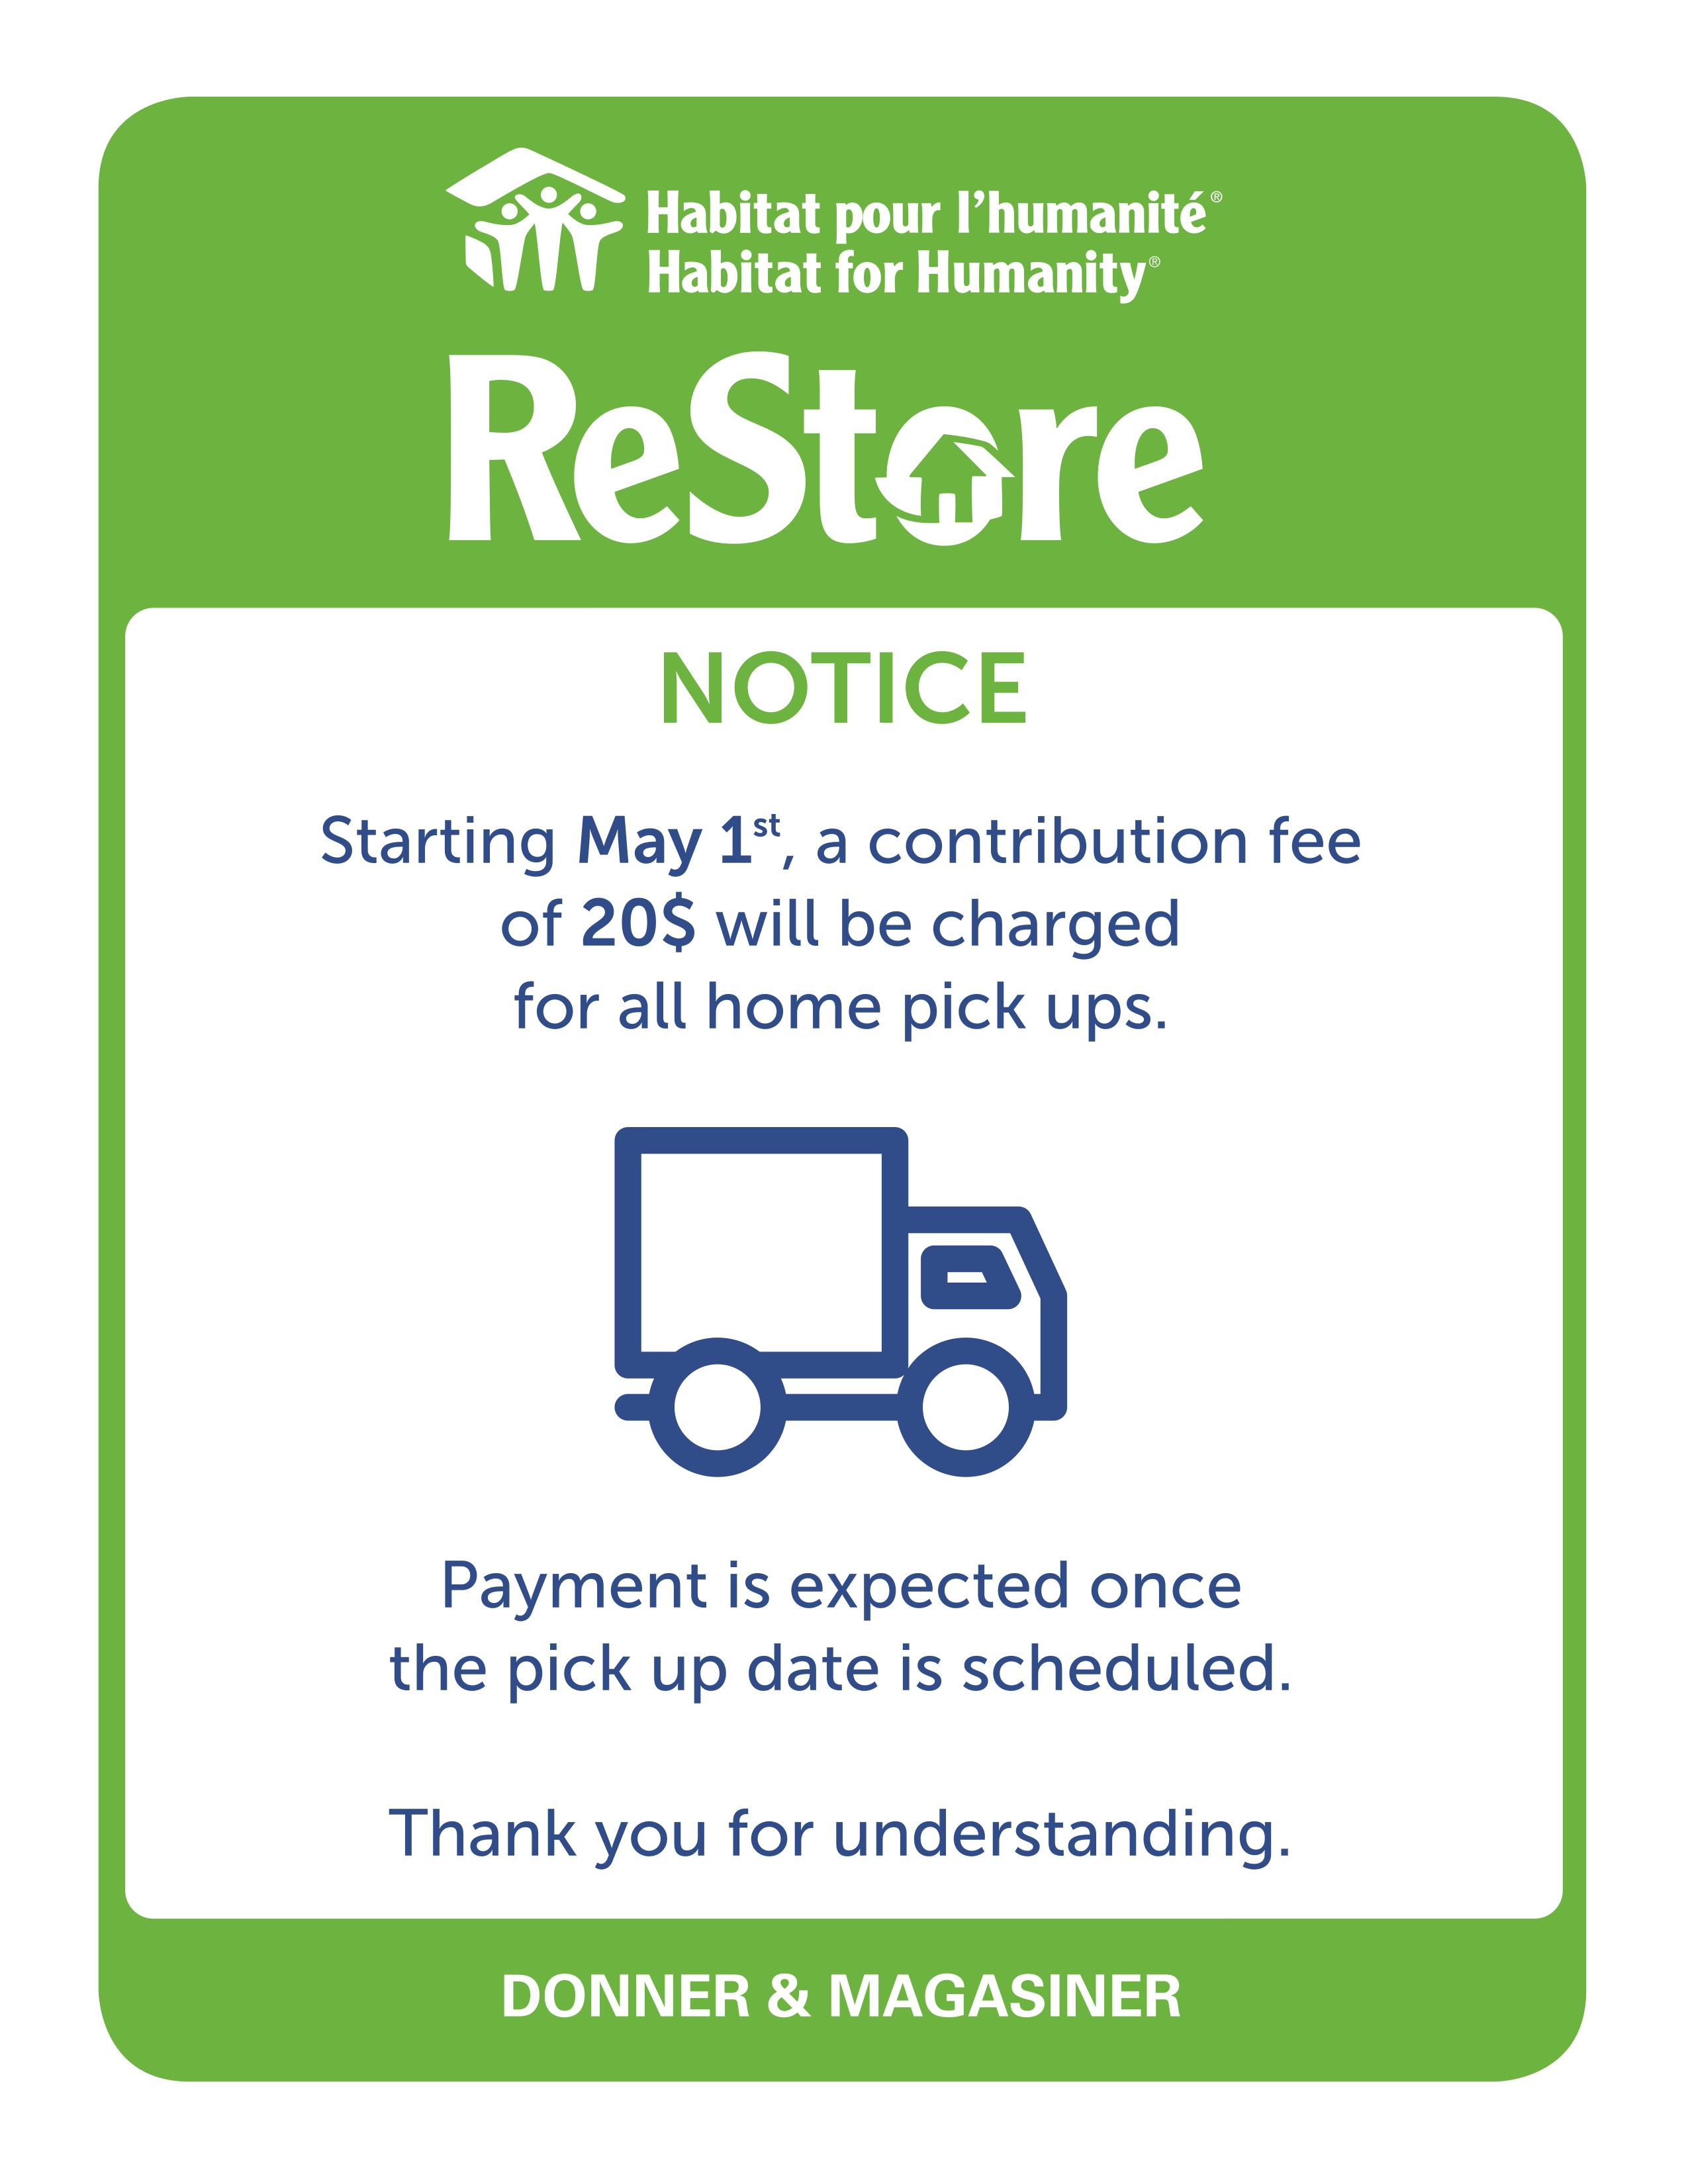 HHQ ReStore_Avertissement frais de collecte_EN